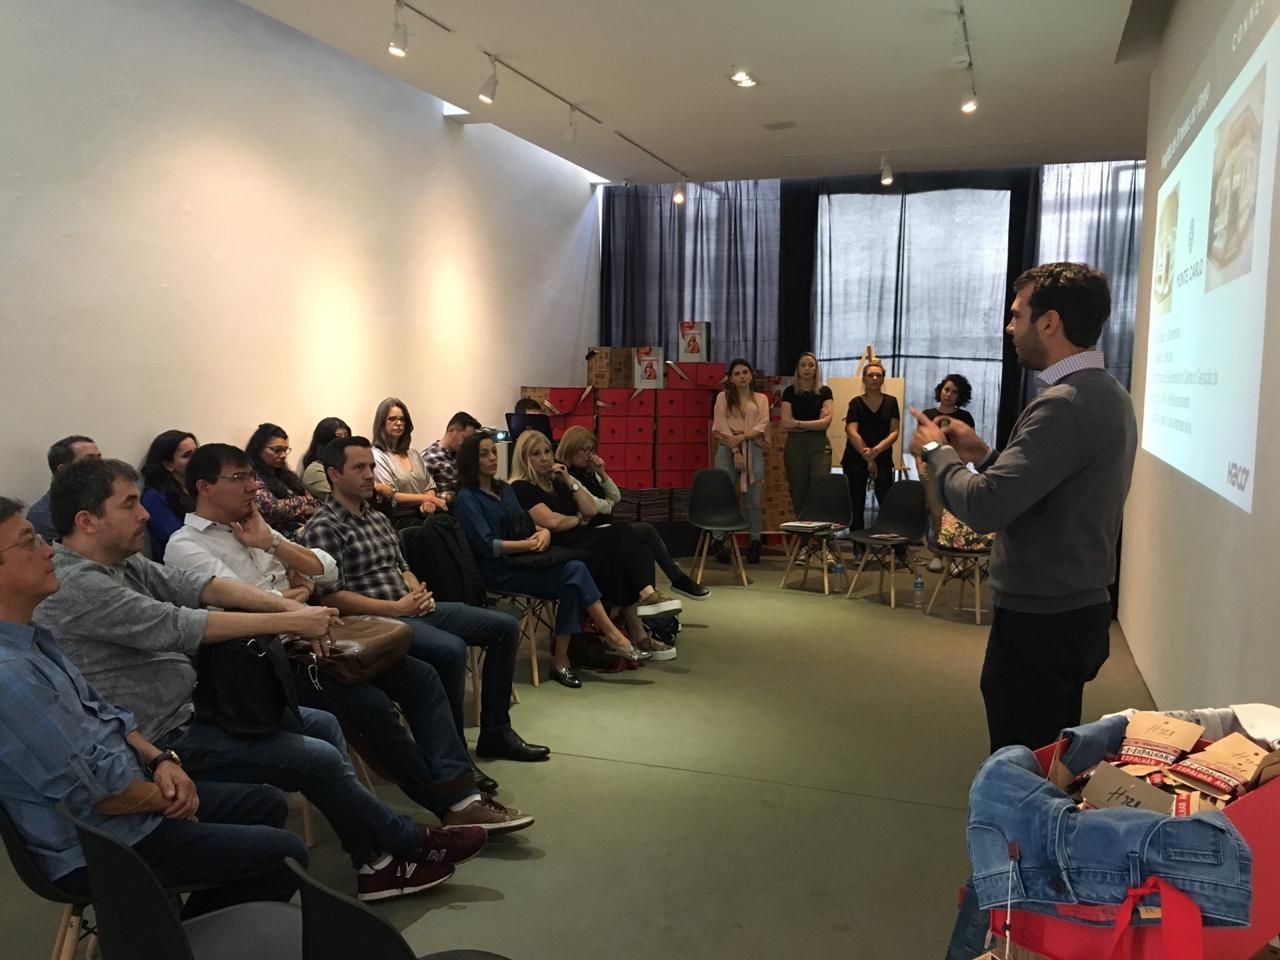 Haco lança book de produtos H928 no evento InFashion by Lectra - Notícias - Plantão Diário